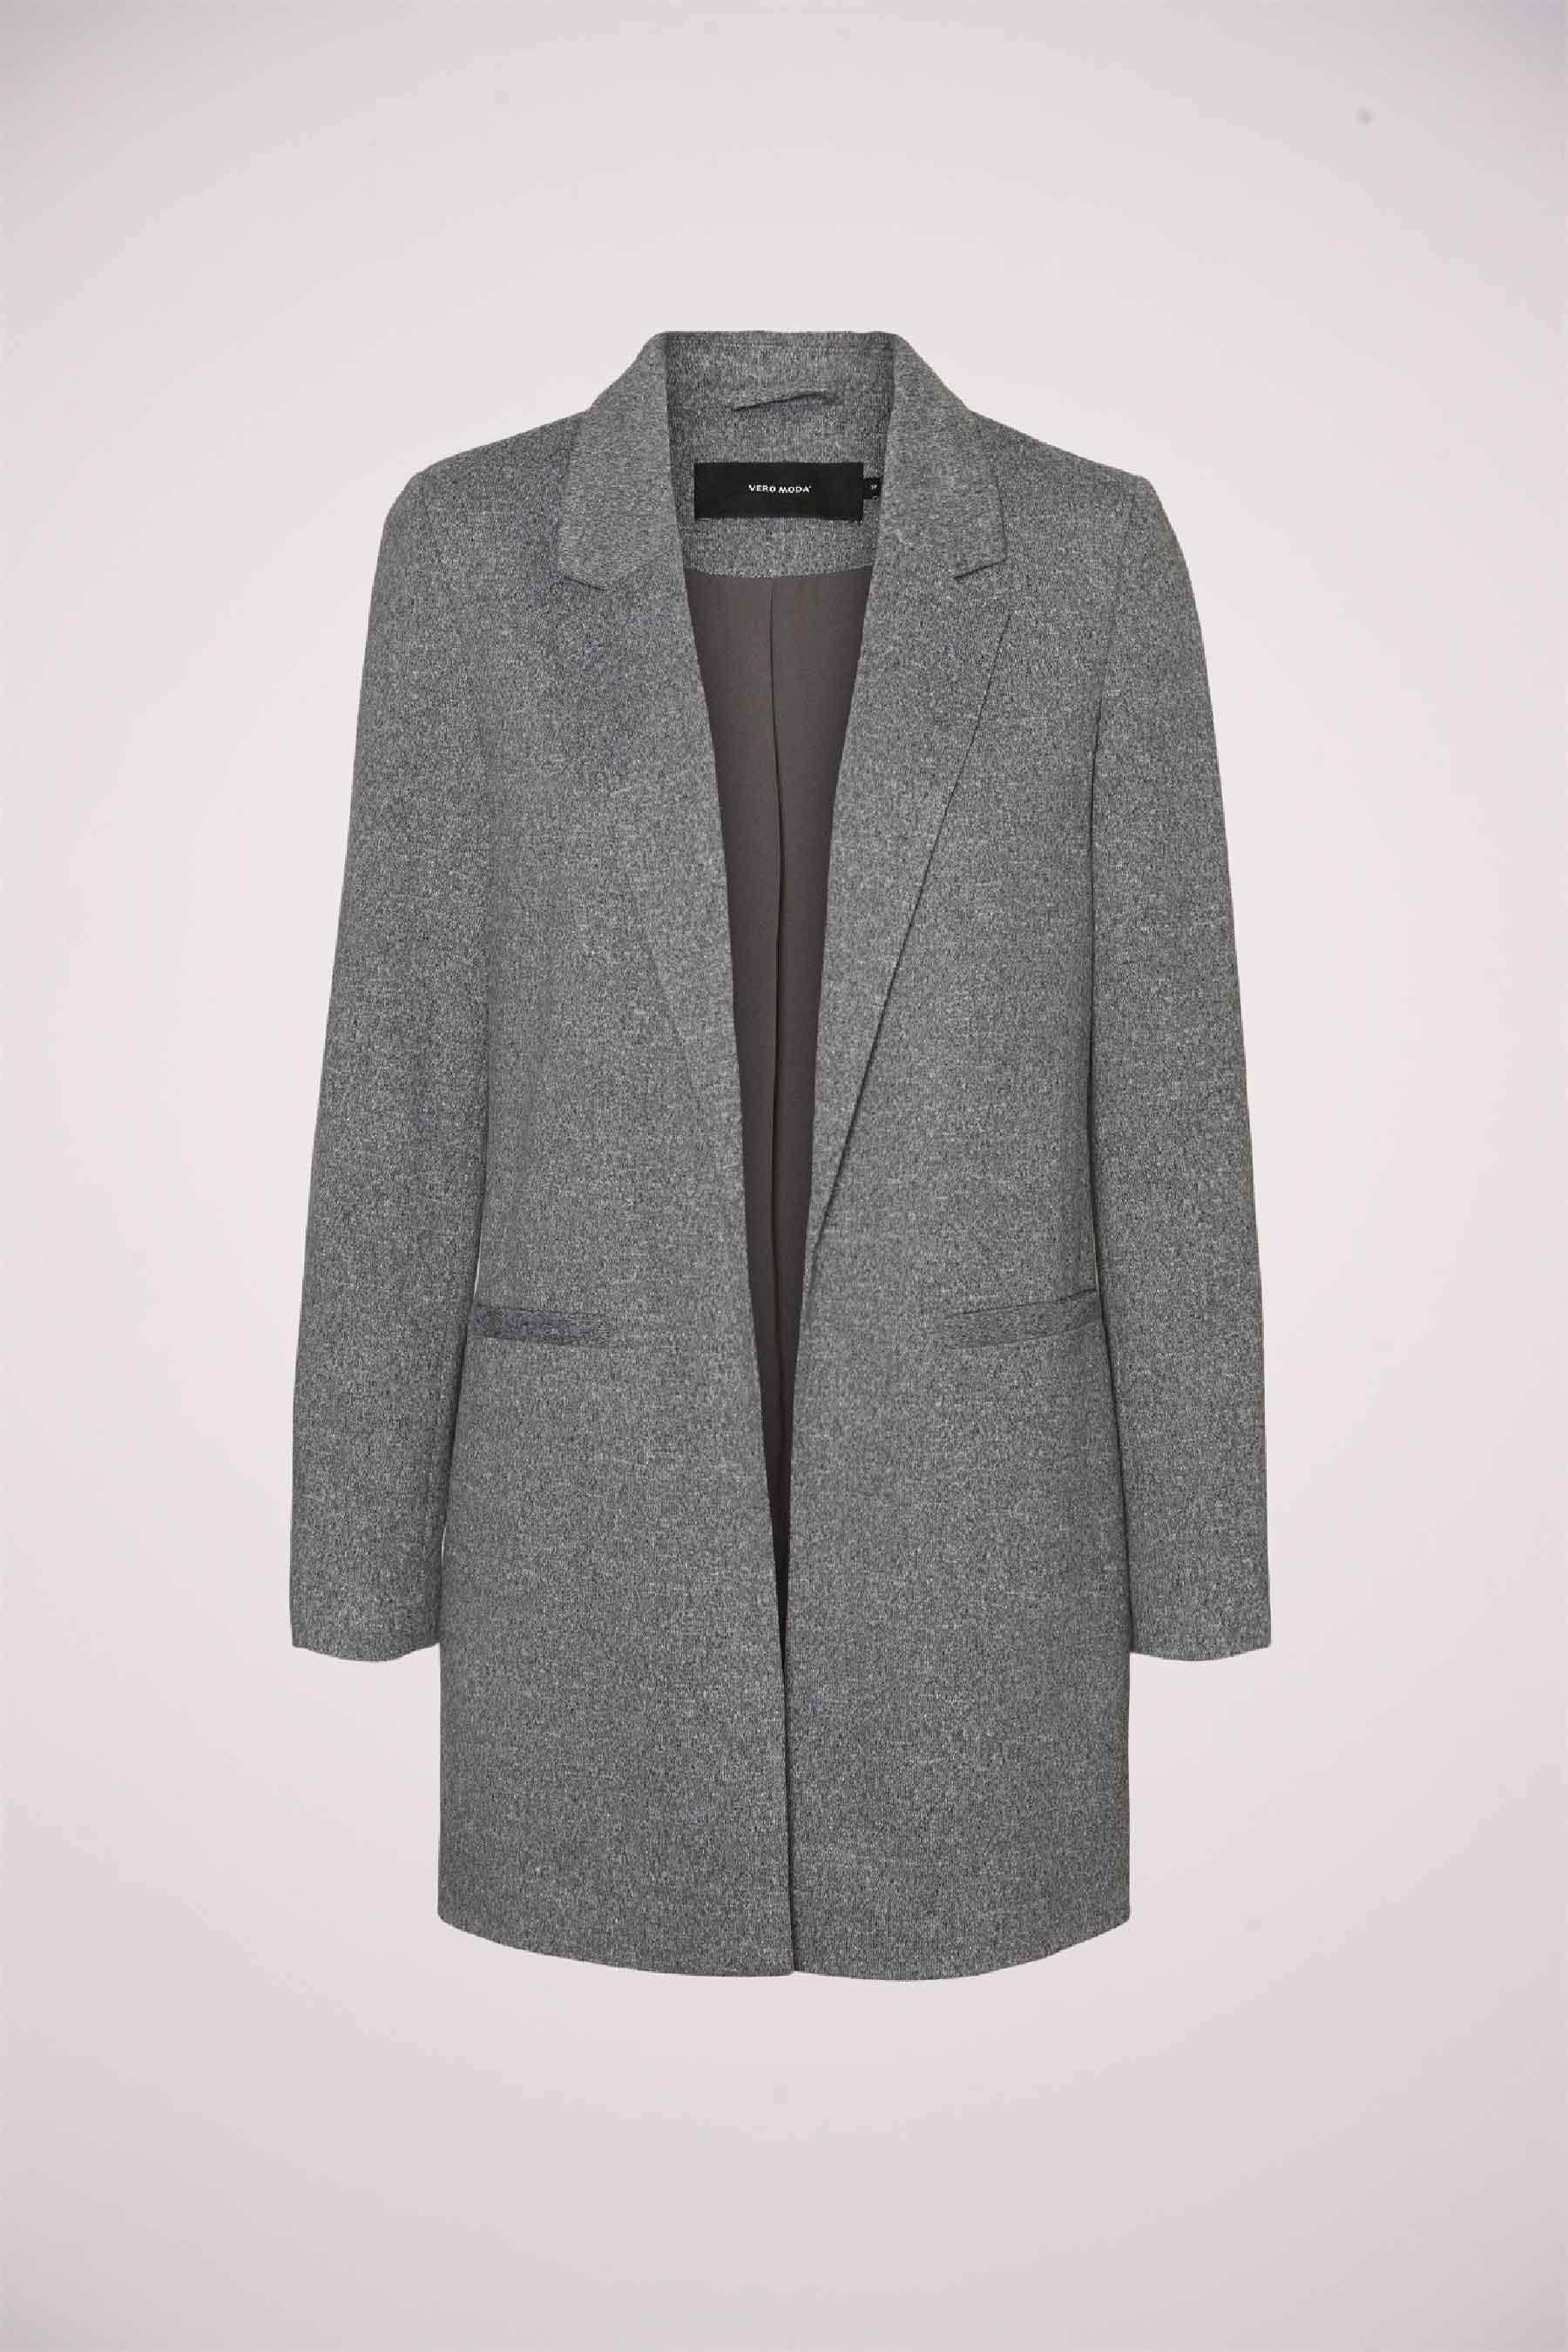 Vero Moda® Blazer, Grijs, Dames, Maat: 34/40